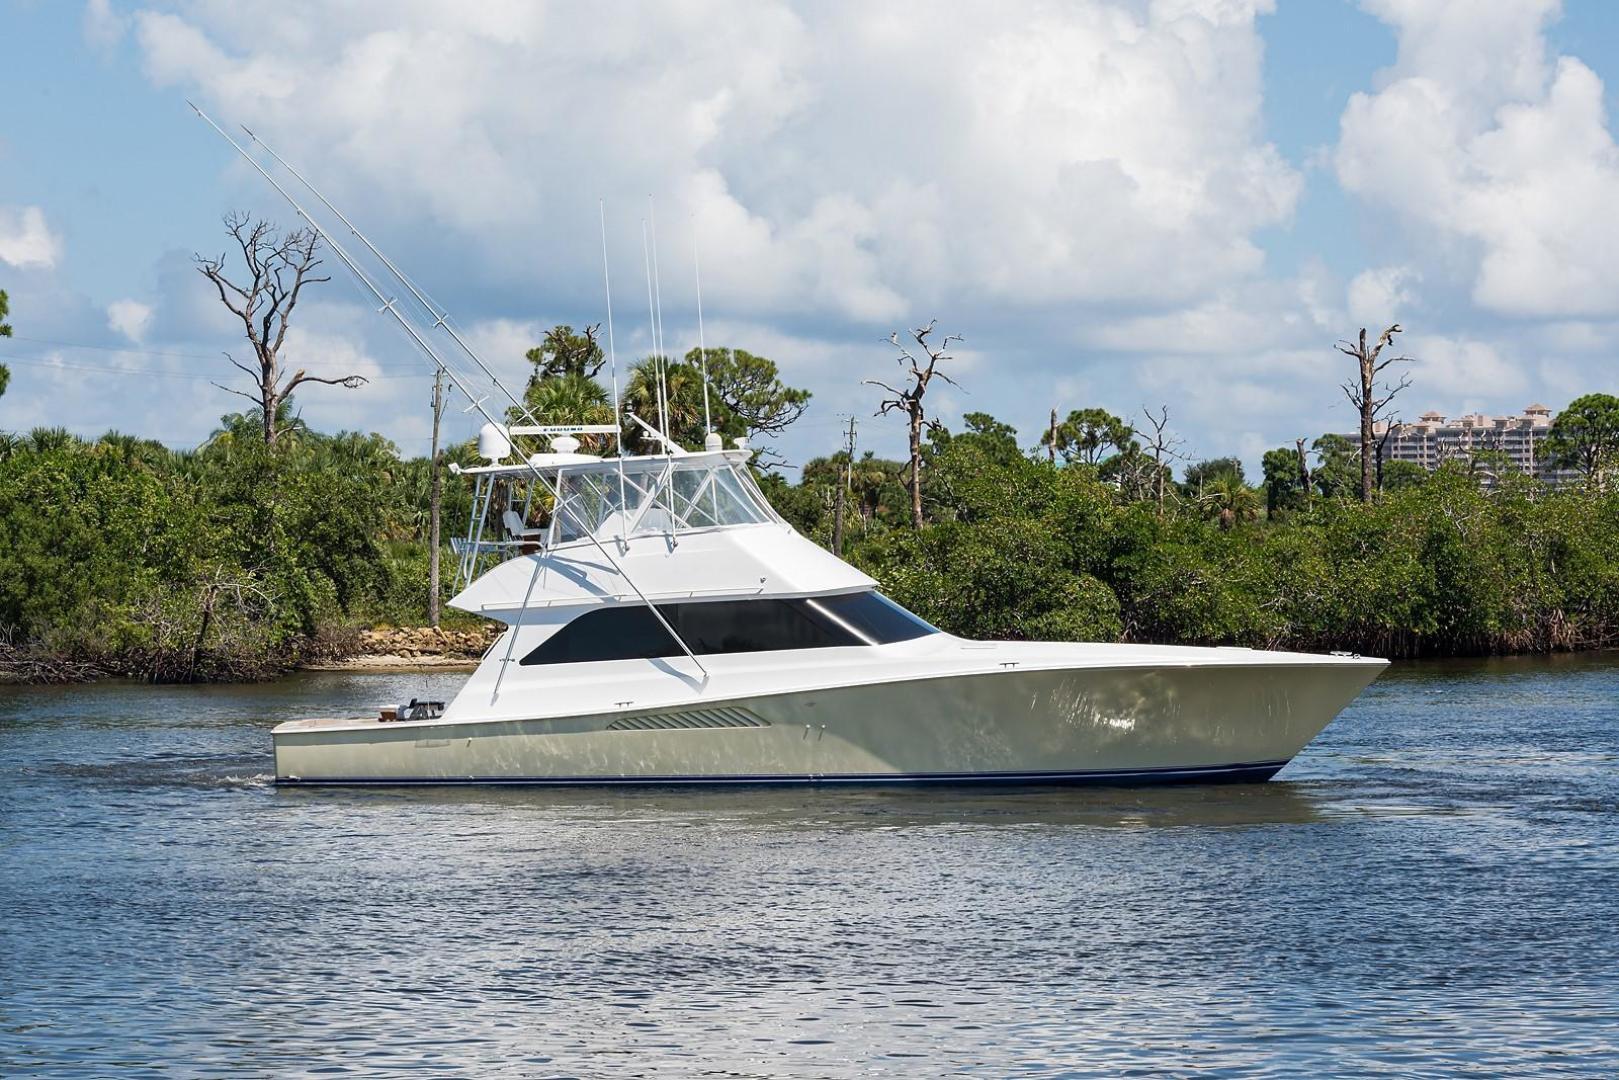 Viking-Convertible 2001-No Vacancy Palm Beach Gardens-Florida-United States-No Vacancy-1499909 | Thumbnail